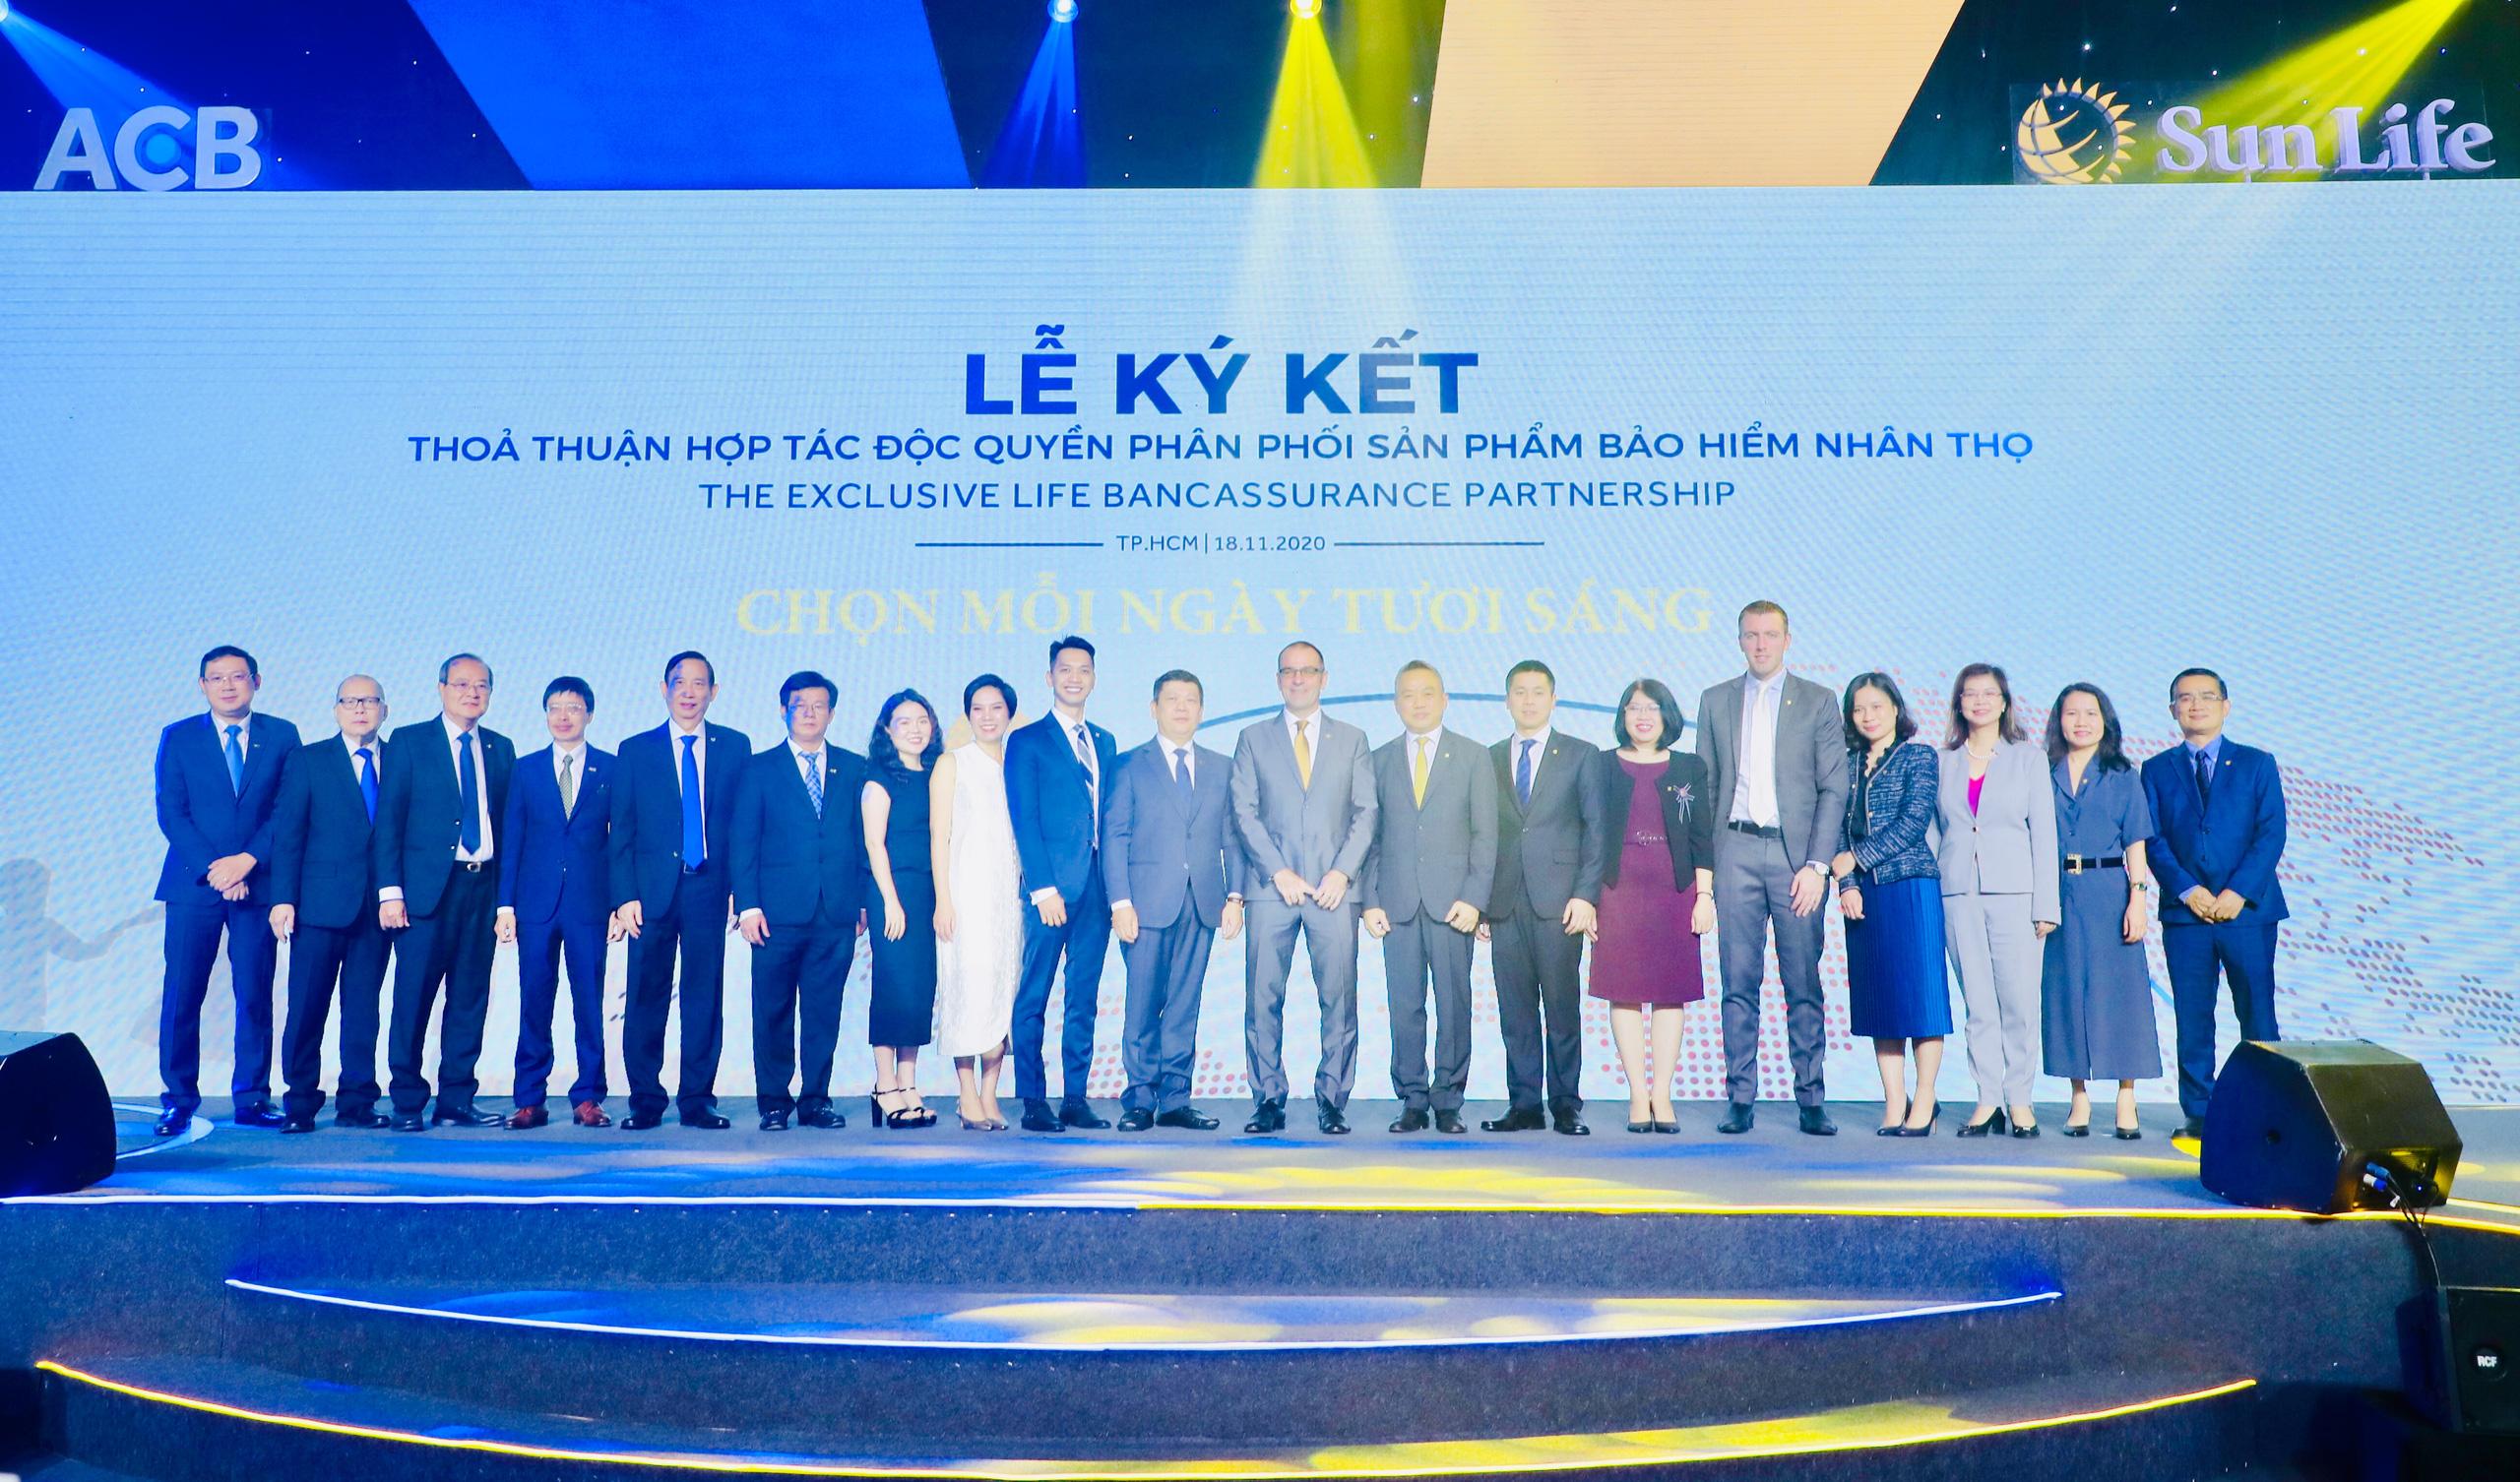 ACB bắt tay Sun Life Việt Nam độc quyền phân phối bảo hiểm nhân thọ 15 năm - Ảnh 2.